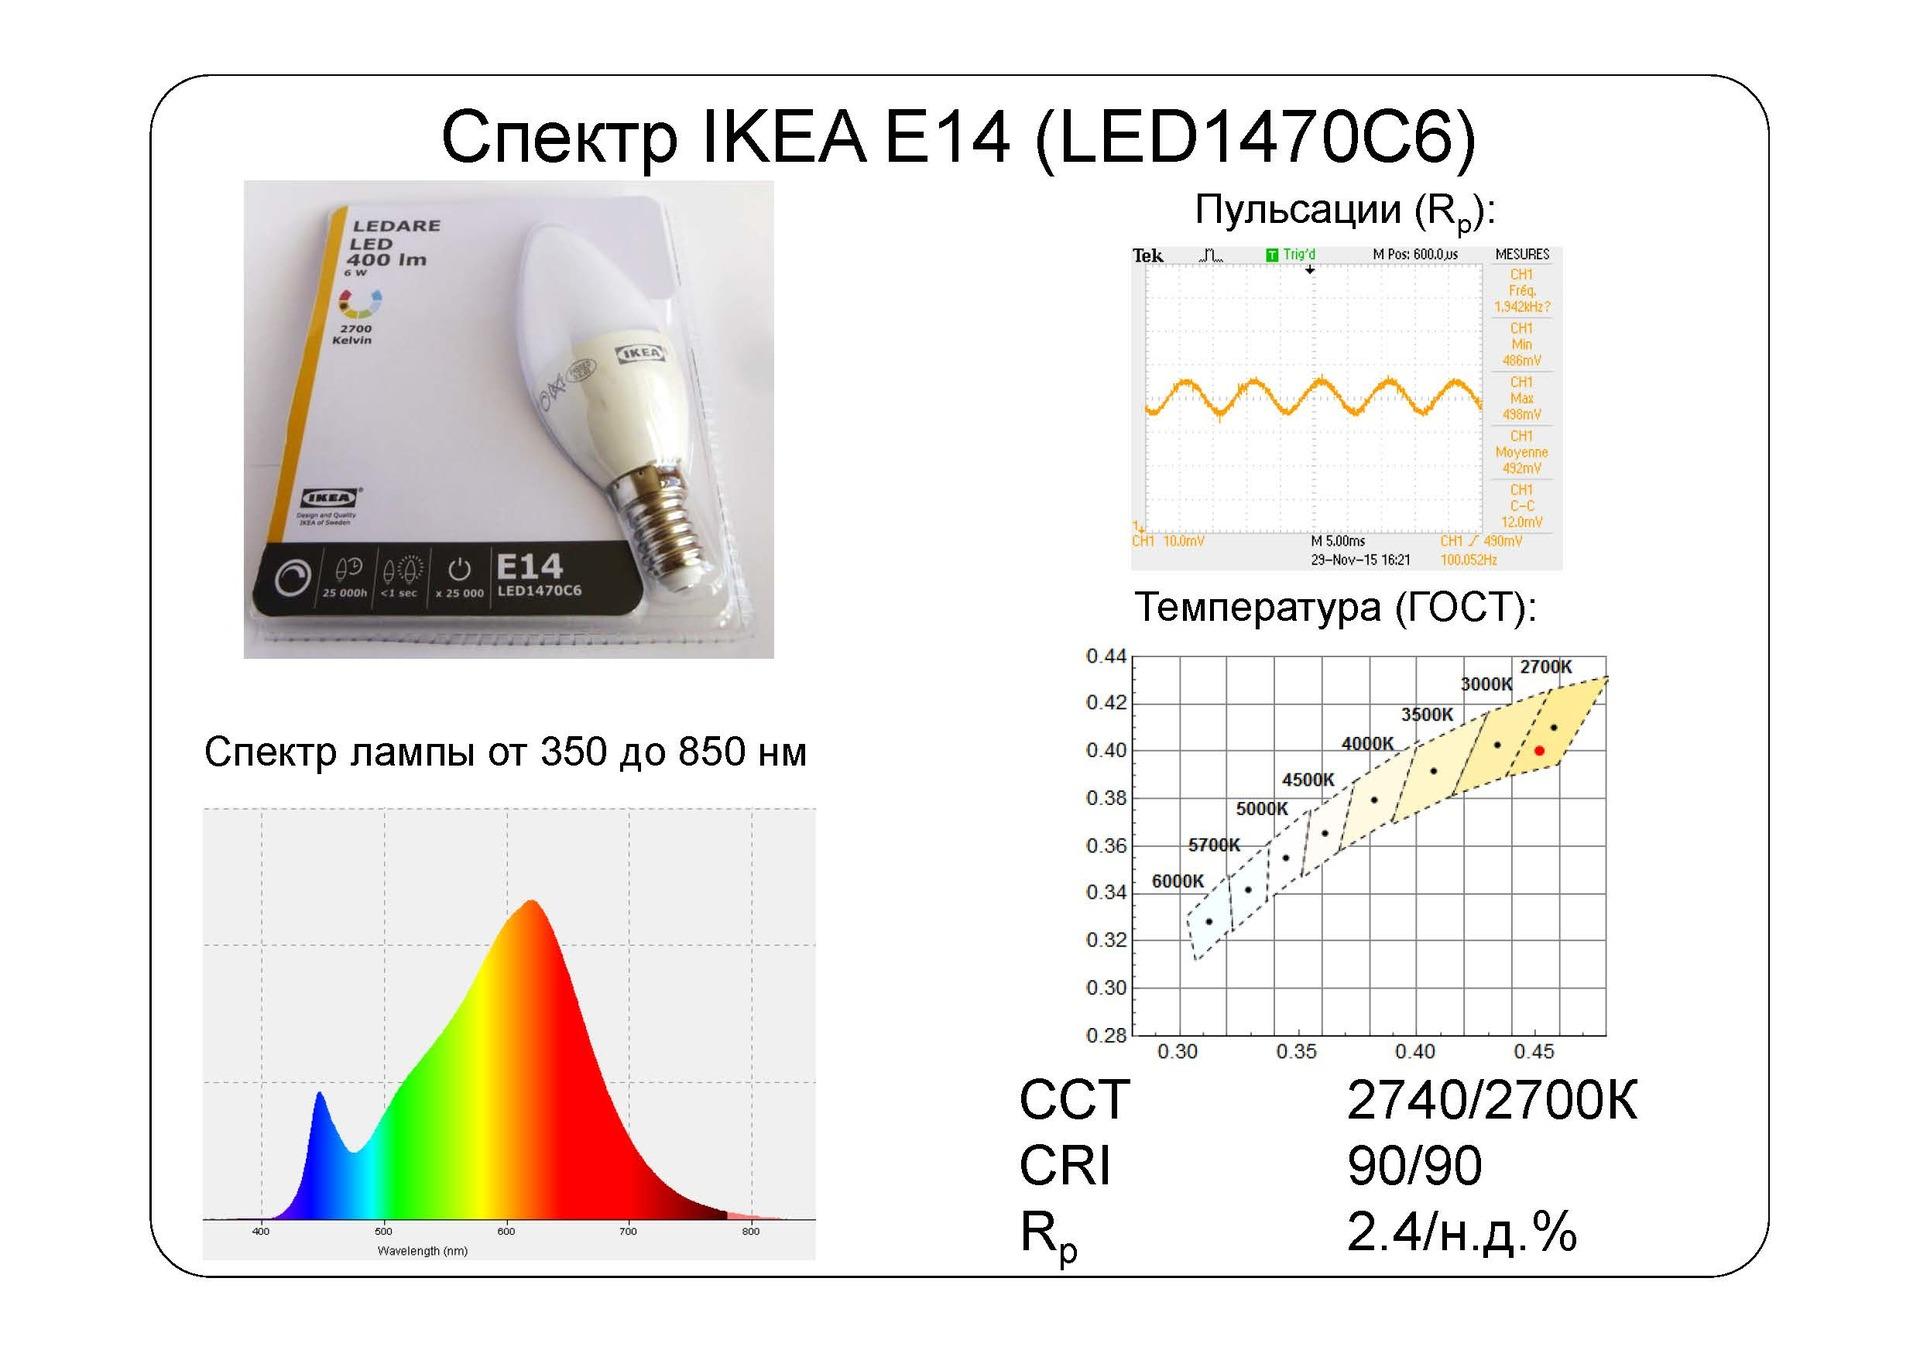 Взгляд изнутри: IKEA LED наносит ответный удар - 10